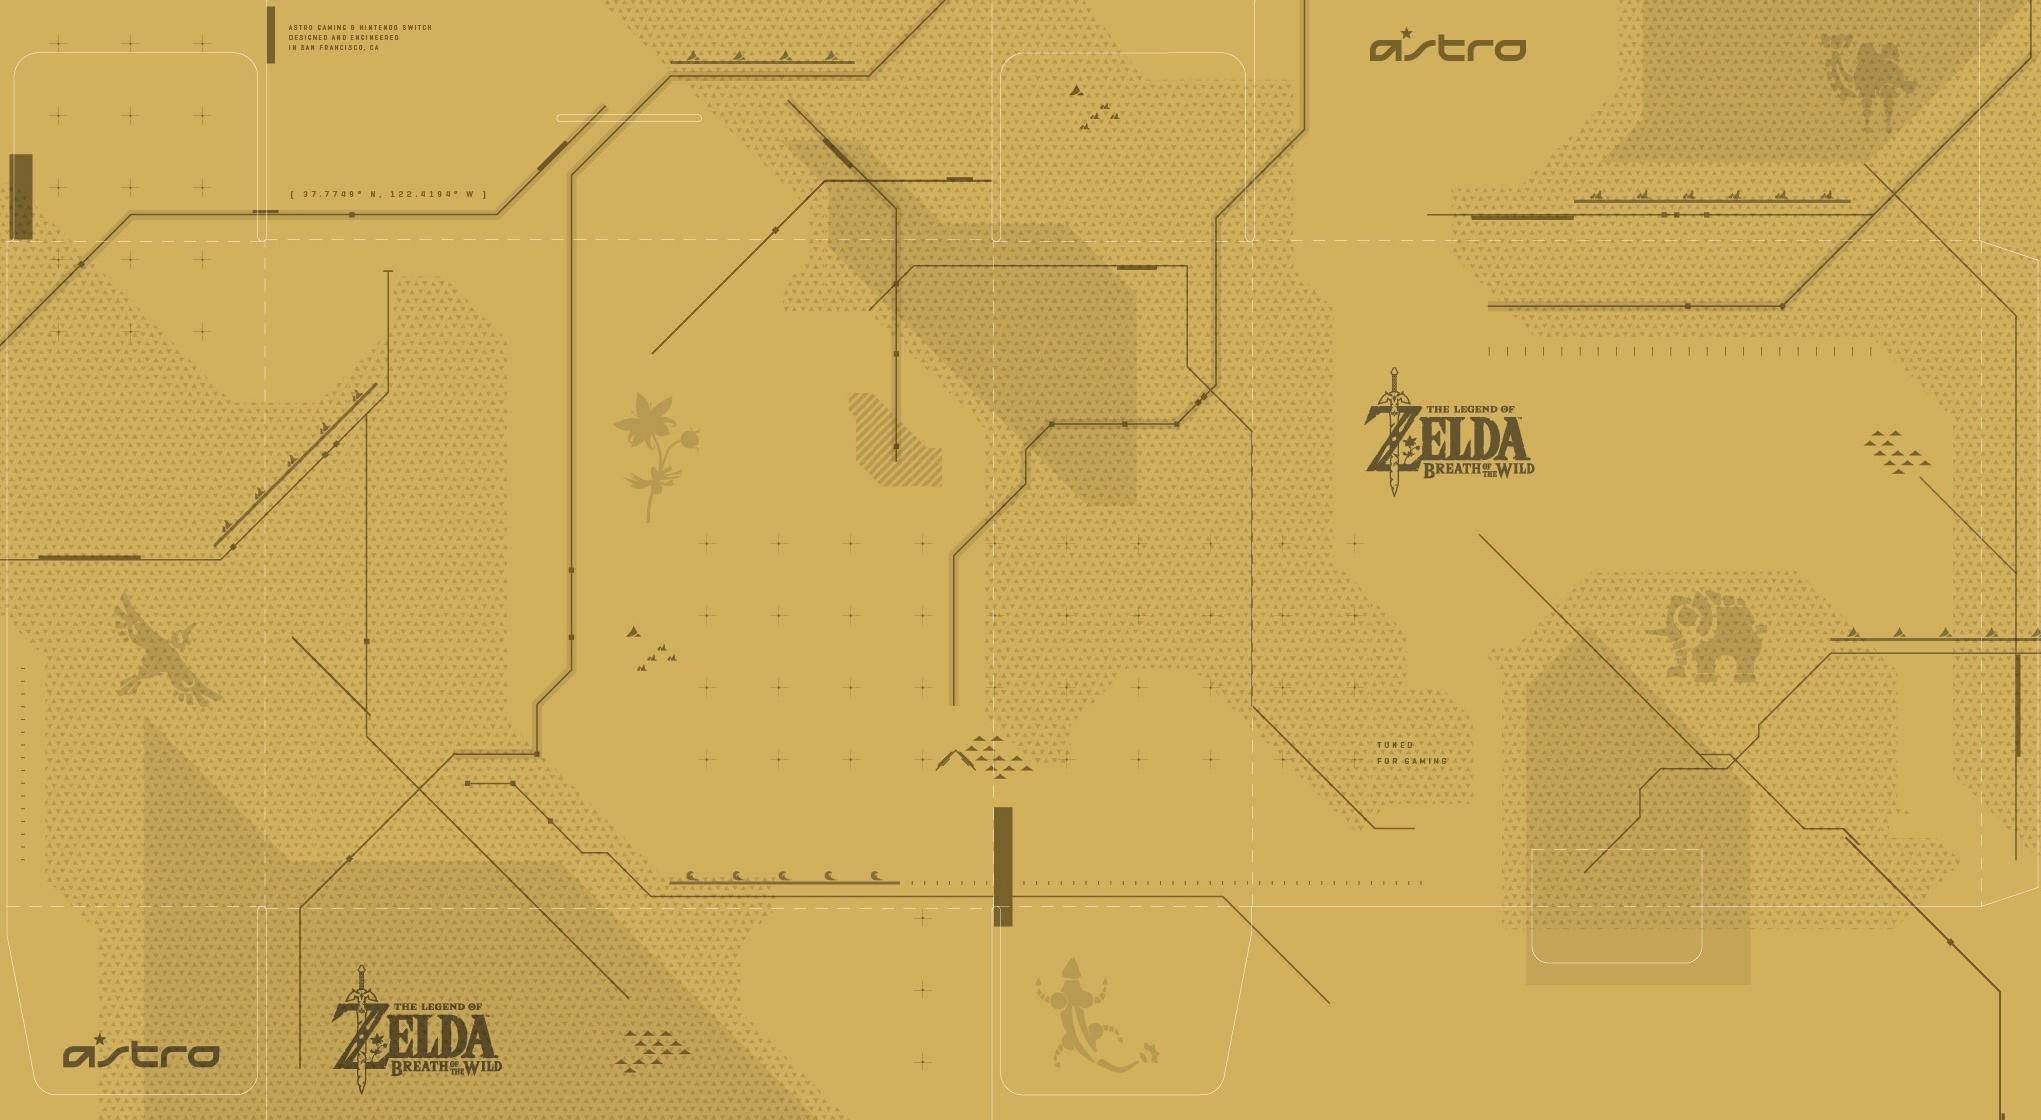 Zelda11-01-01.jpg